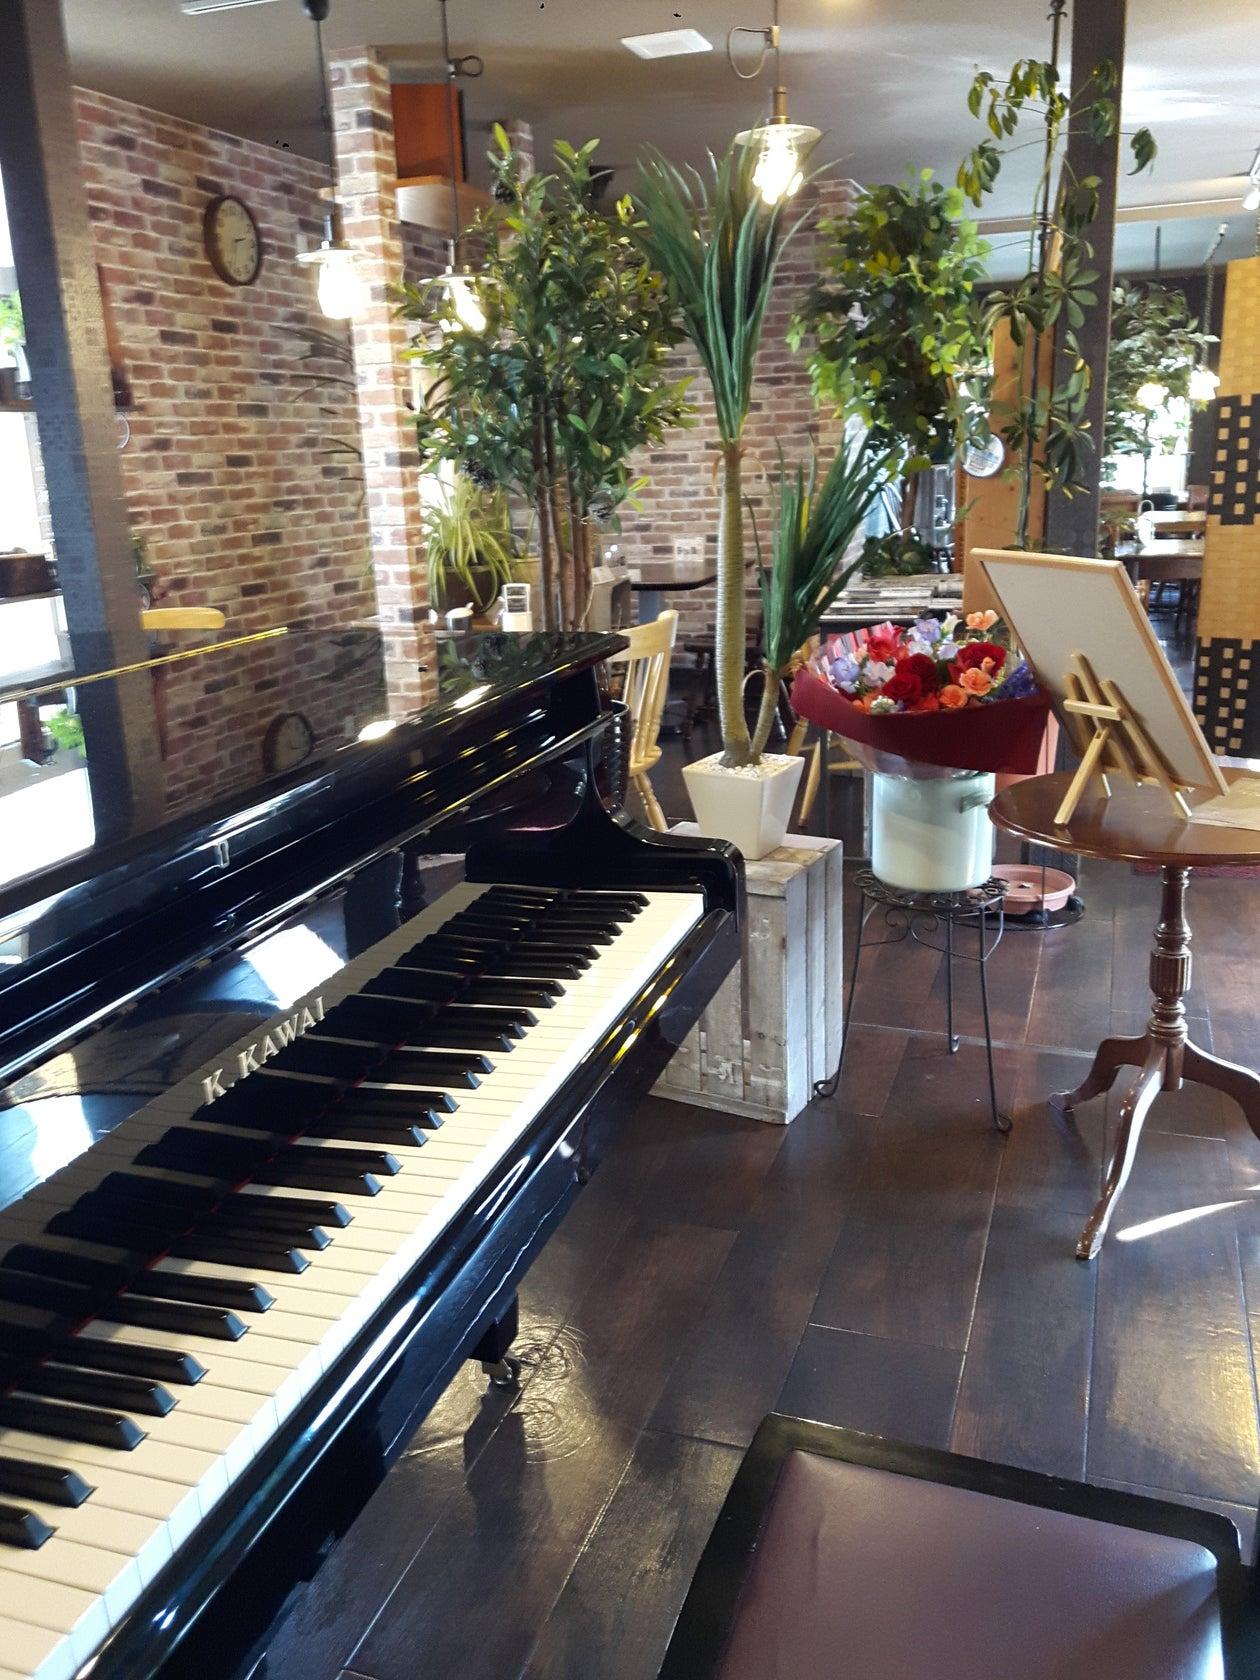 グランドピアノありカフェスペースでコンサート、発表会、女子会、お誕生日会などに対応。(グランドピアノありカフェスペースでコンサート、発表会、女子会、お誕生日会などに対応。) の写真0